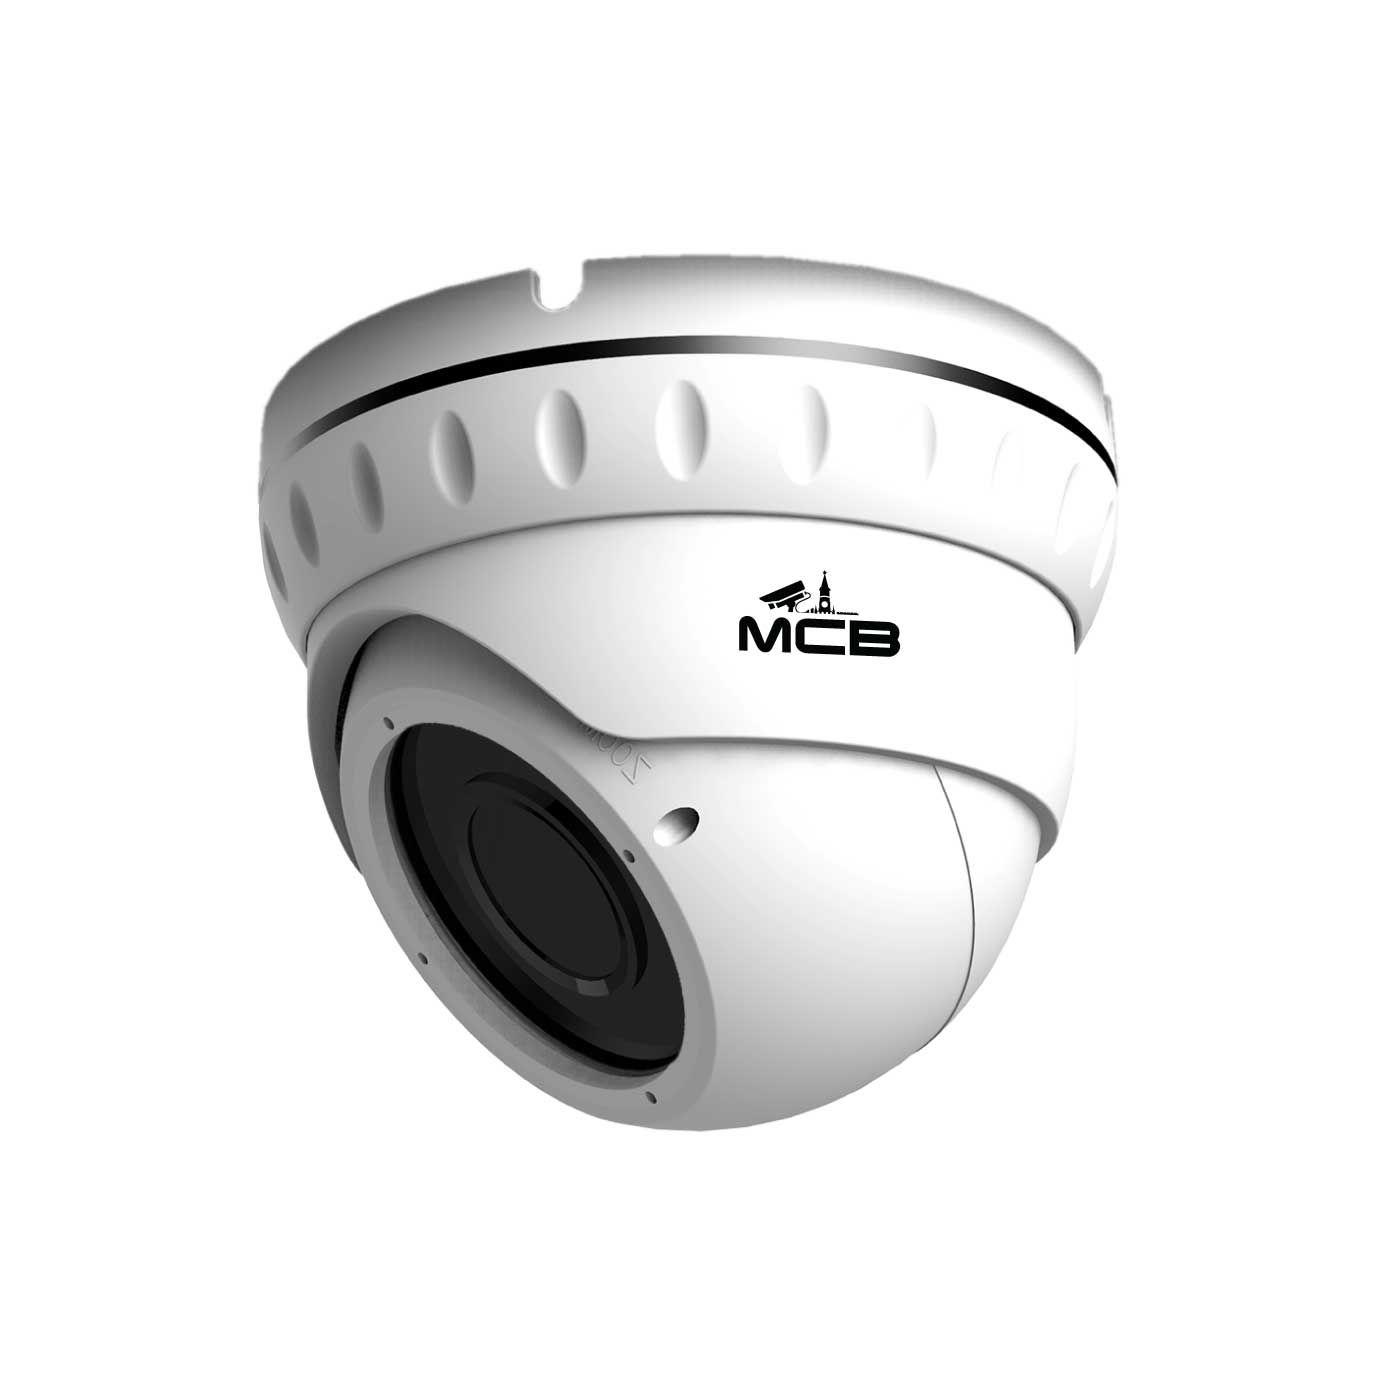 Готовый комплект IP видеонаблюдения на 1 камеру 5 Мп со звуком